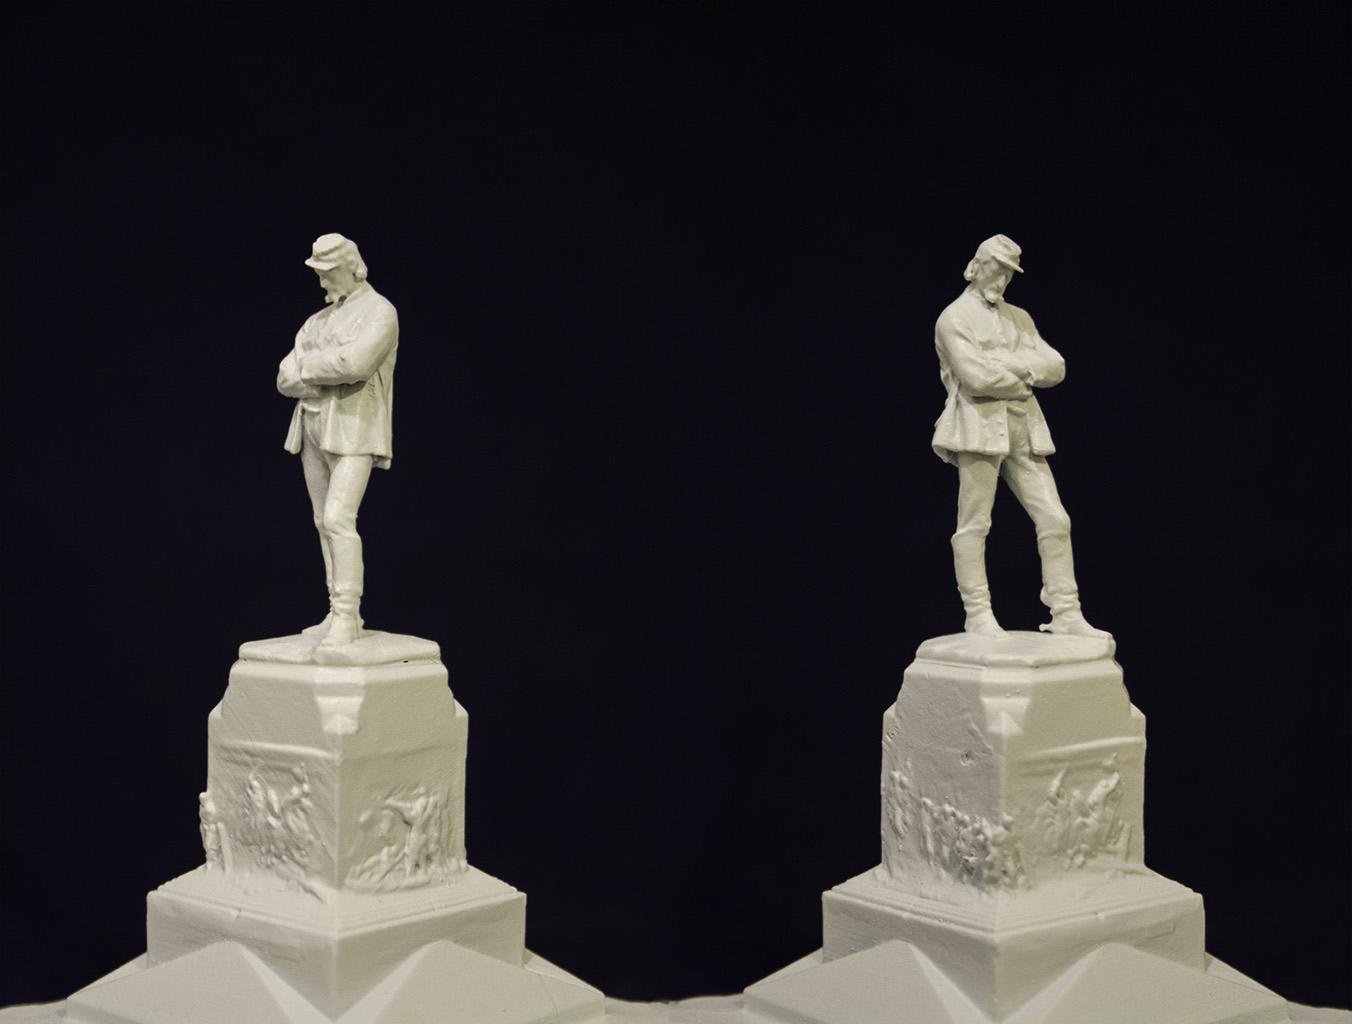 Giuseppe Sirtori statue by Mattia Mercante